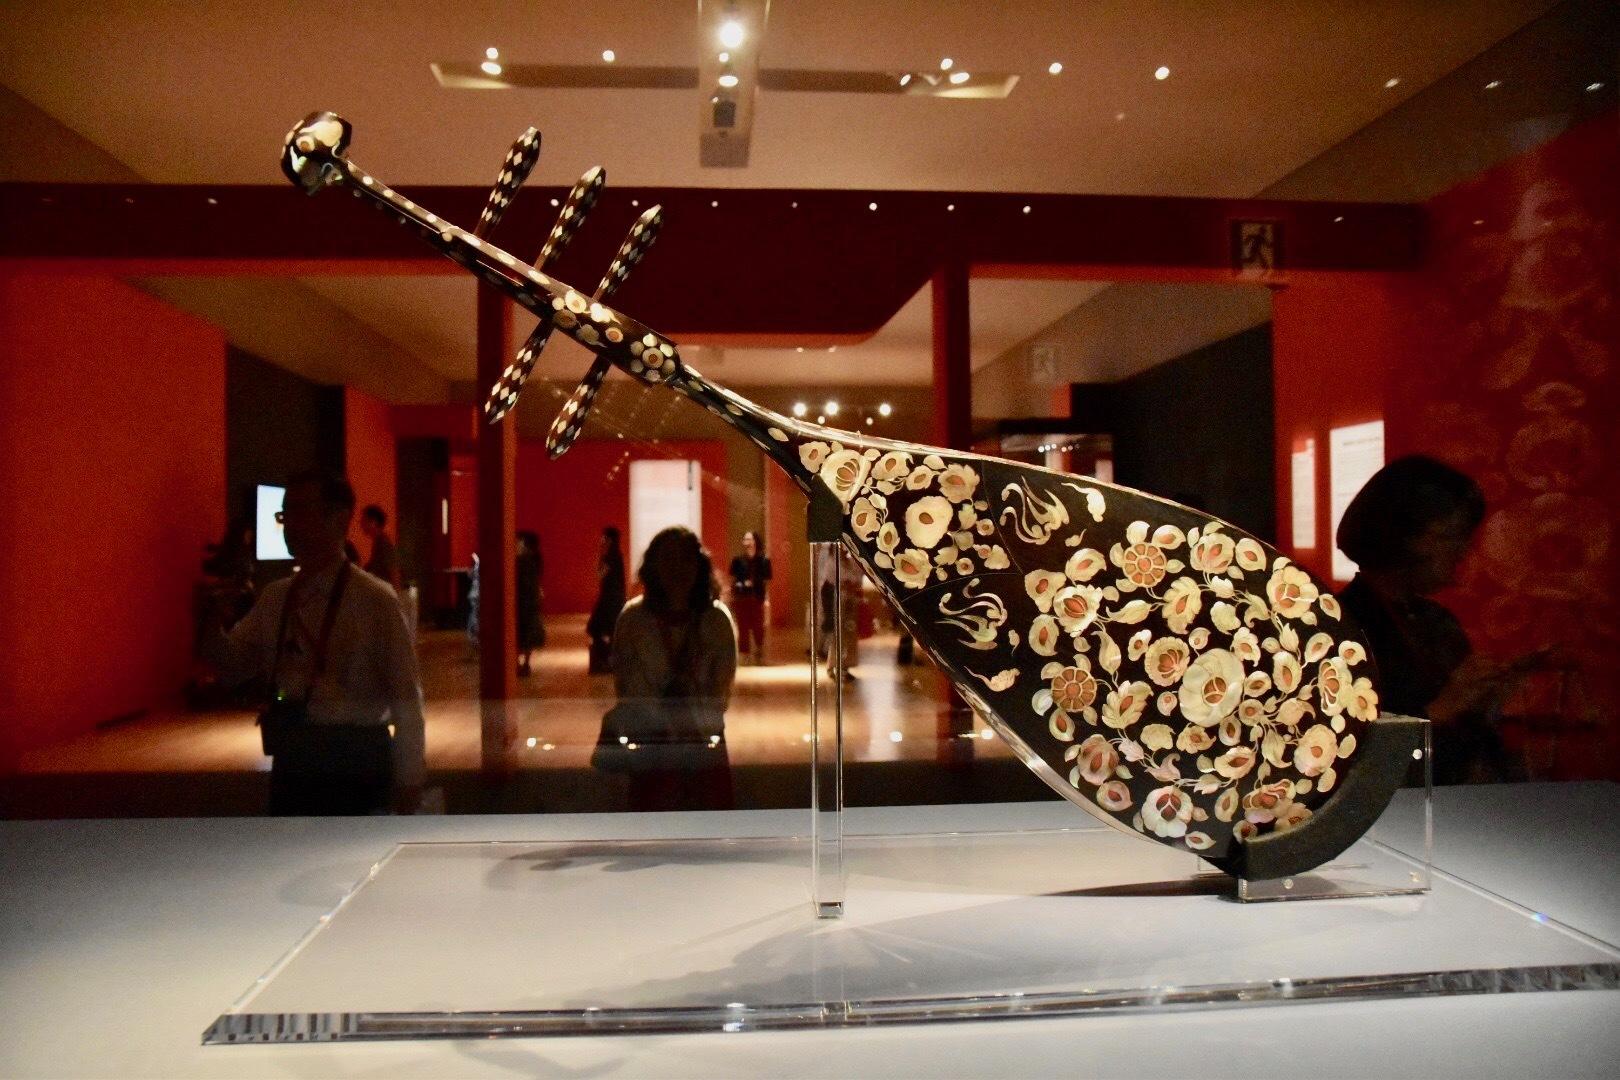 正倉院宝物《螺鈿紫檀五絃琵琶》(背面) 中国・唐時代 8世紀 正倉院蔵 前期展示